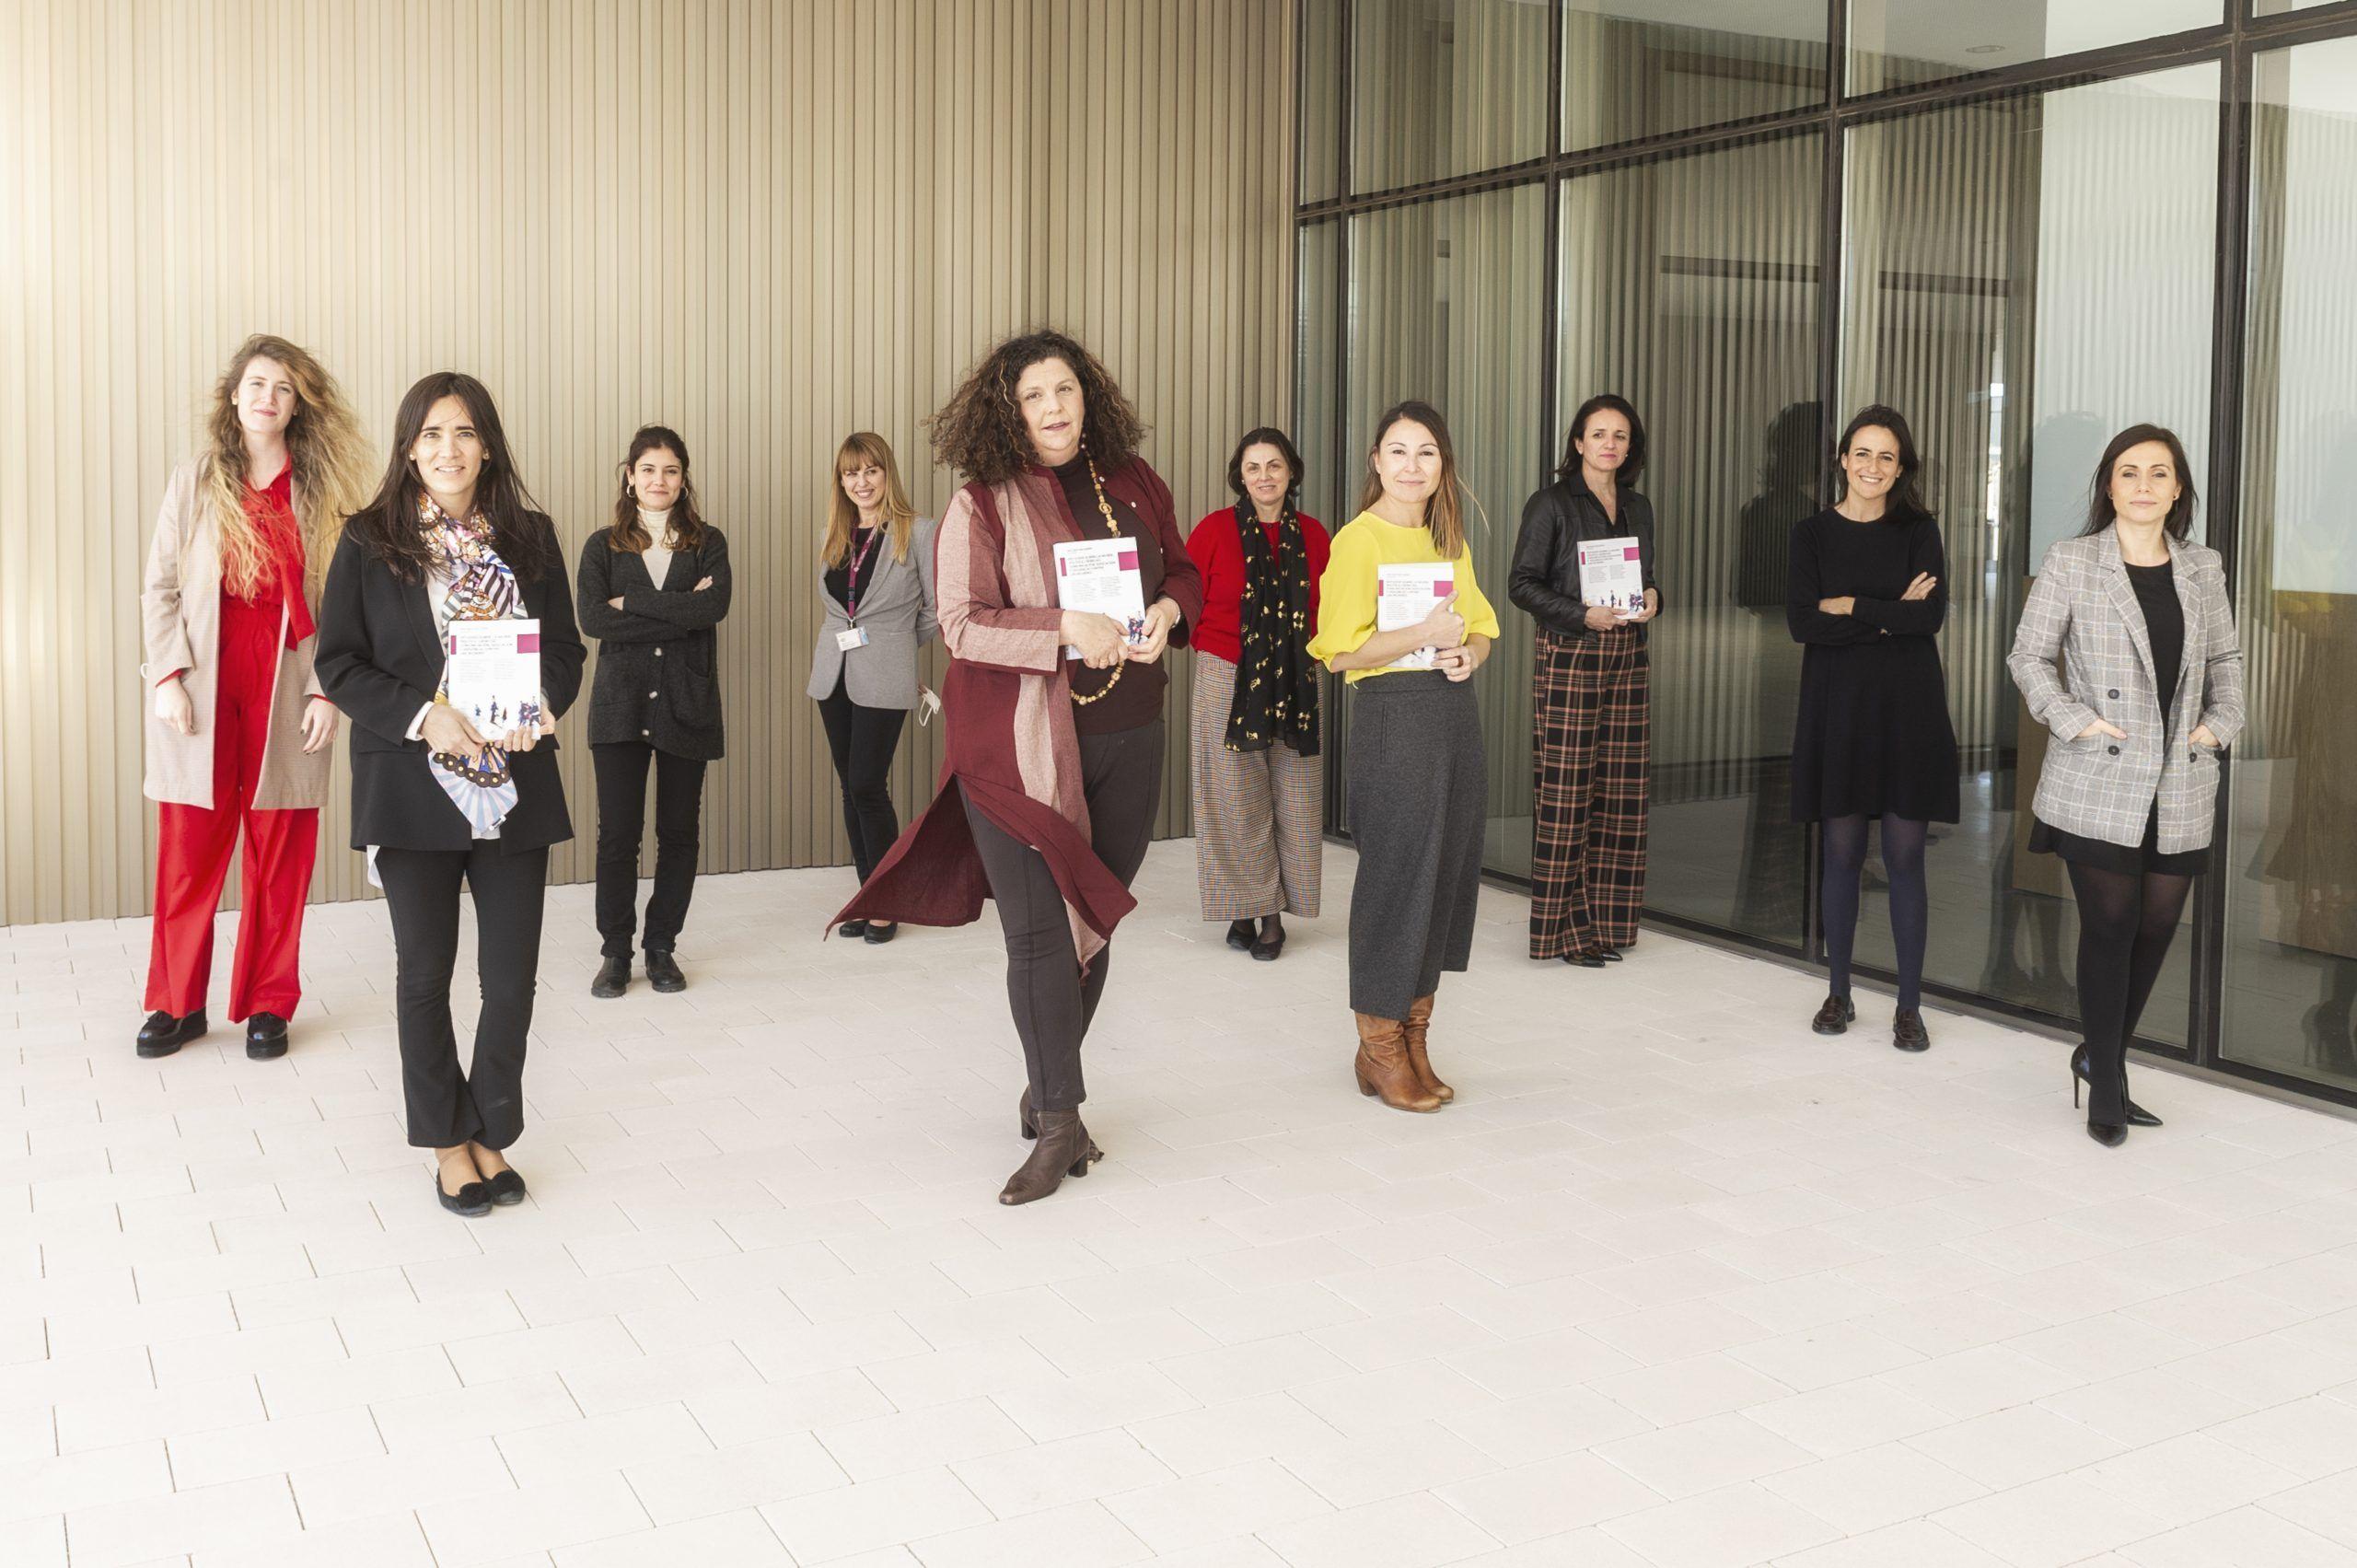 Estudios sobre la mujer: algunas de las autoras de esta obra colectiva